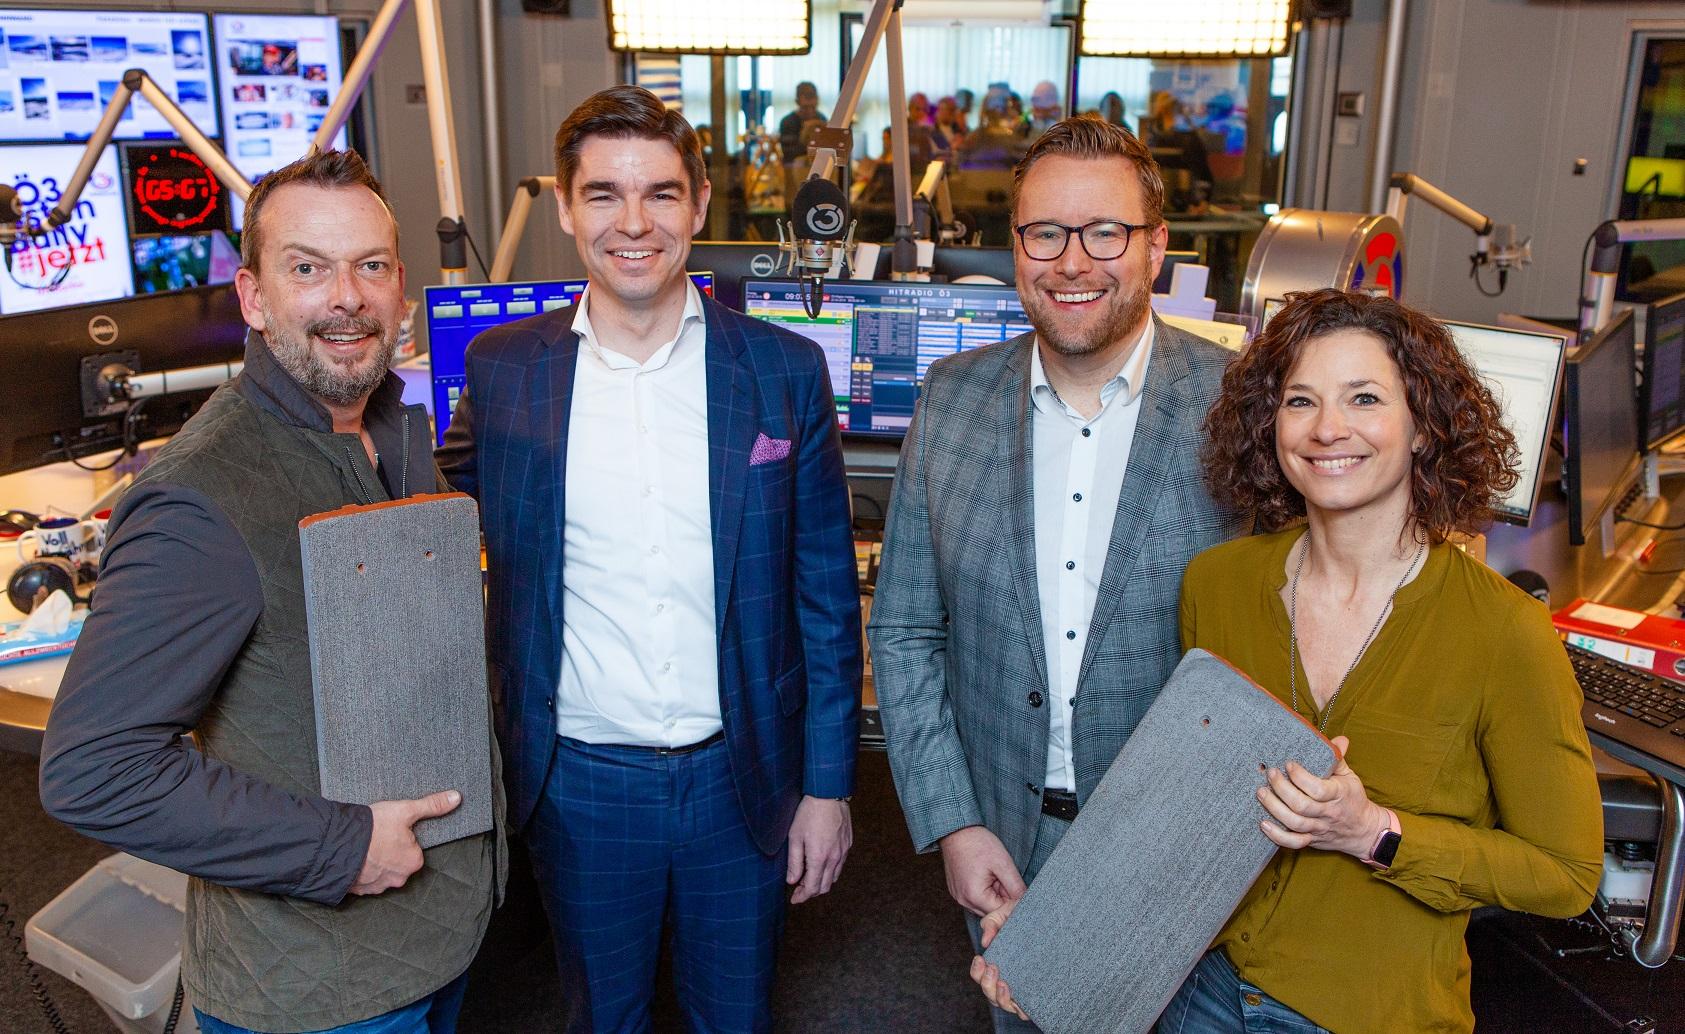 Wienerberger Energiesparmesse Wels a3bau